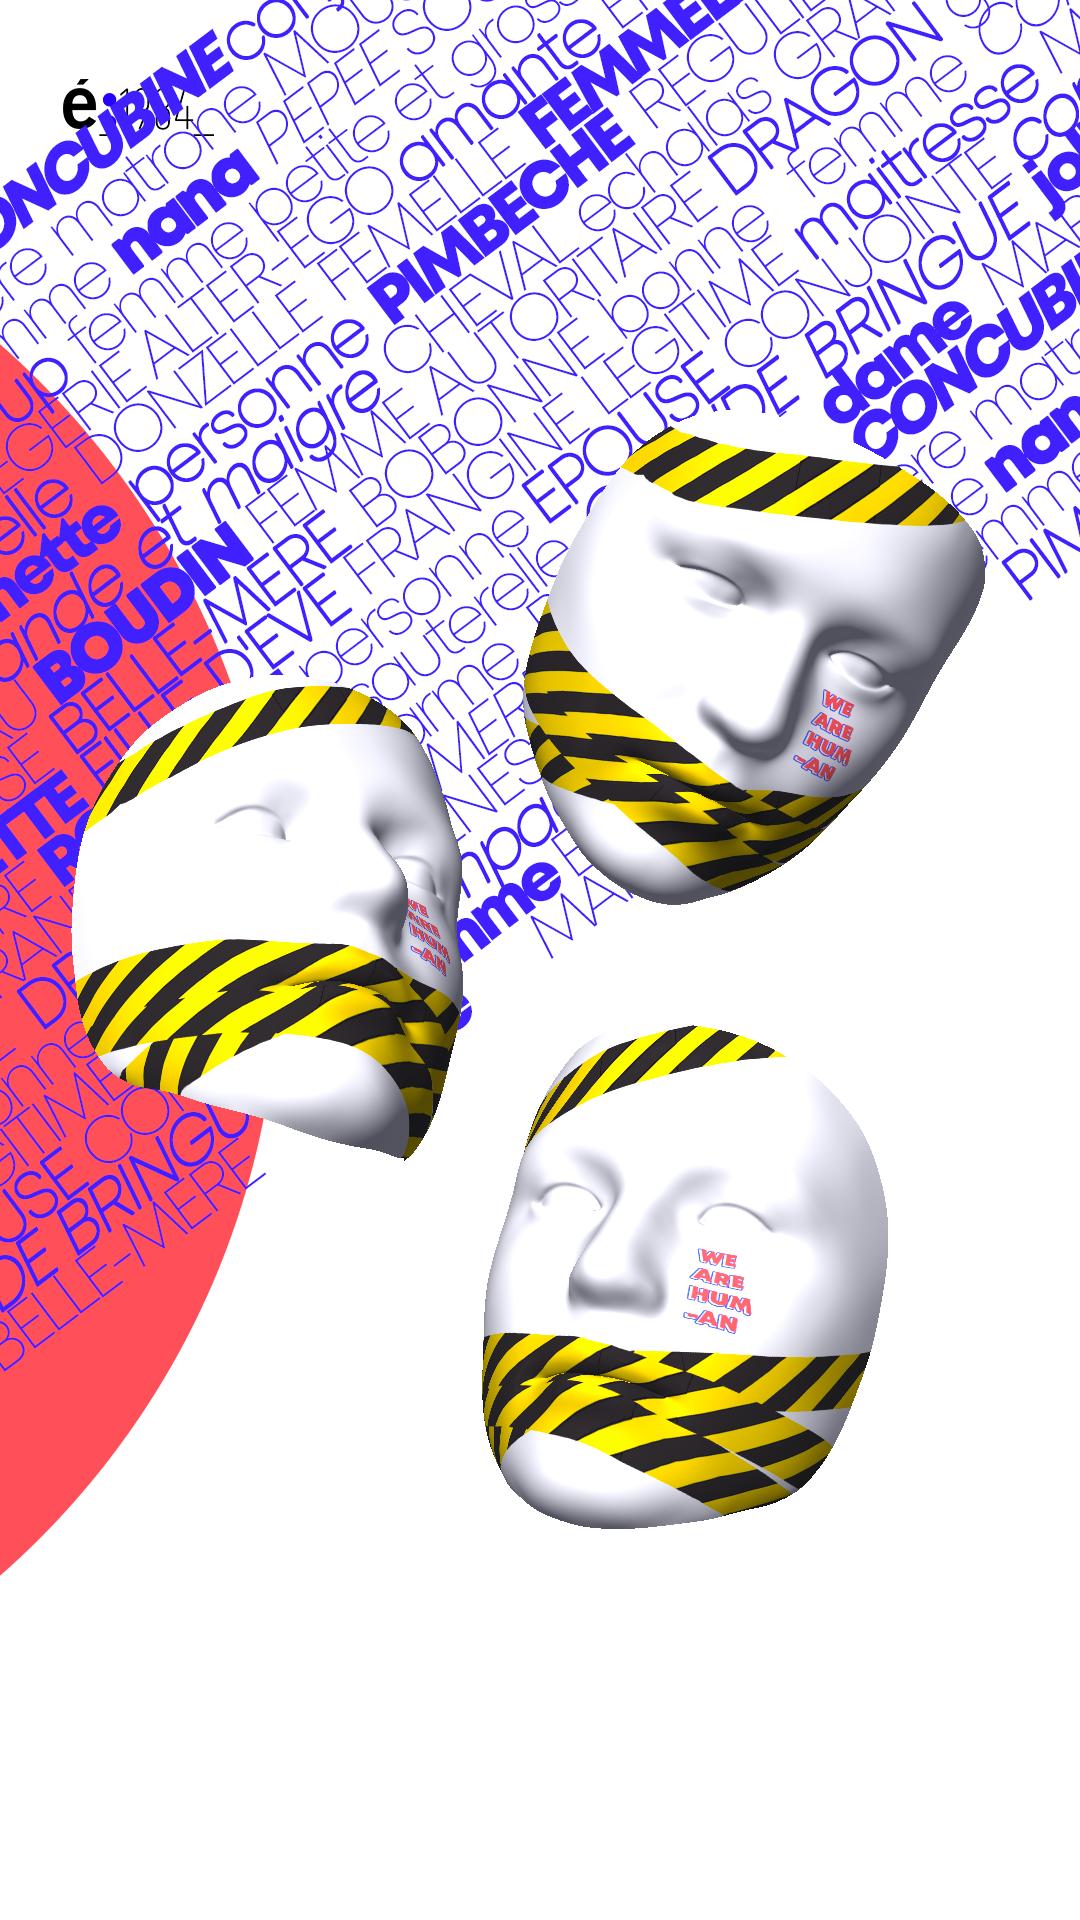 Concours : étapes et l'école 1984 - Pimp my Mask - Vue composée